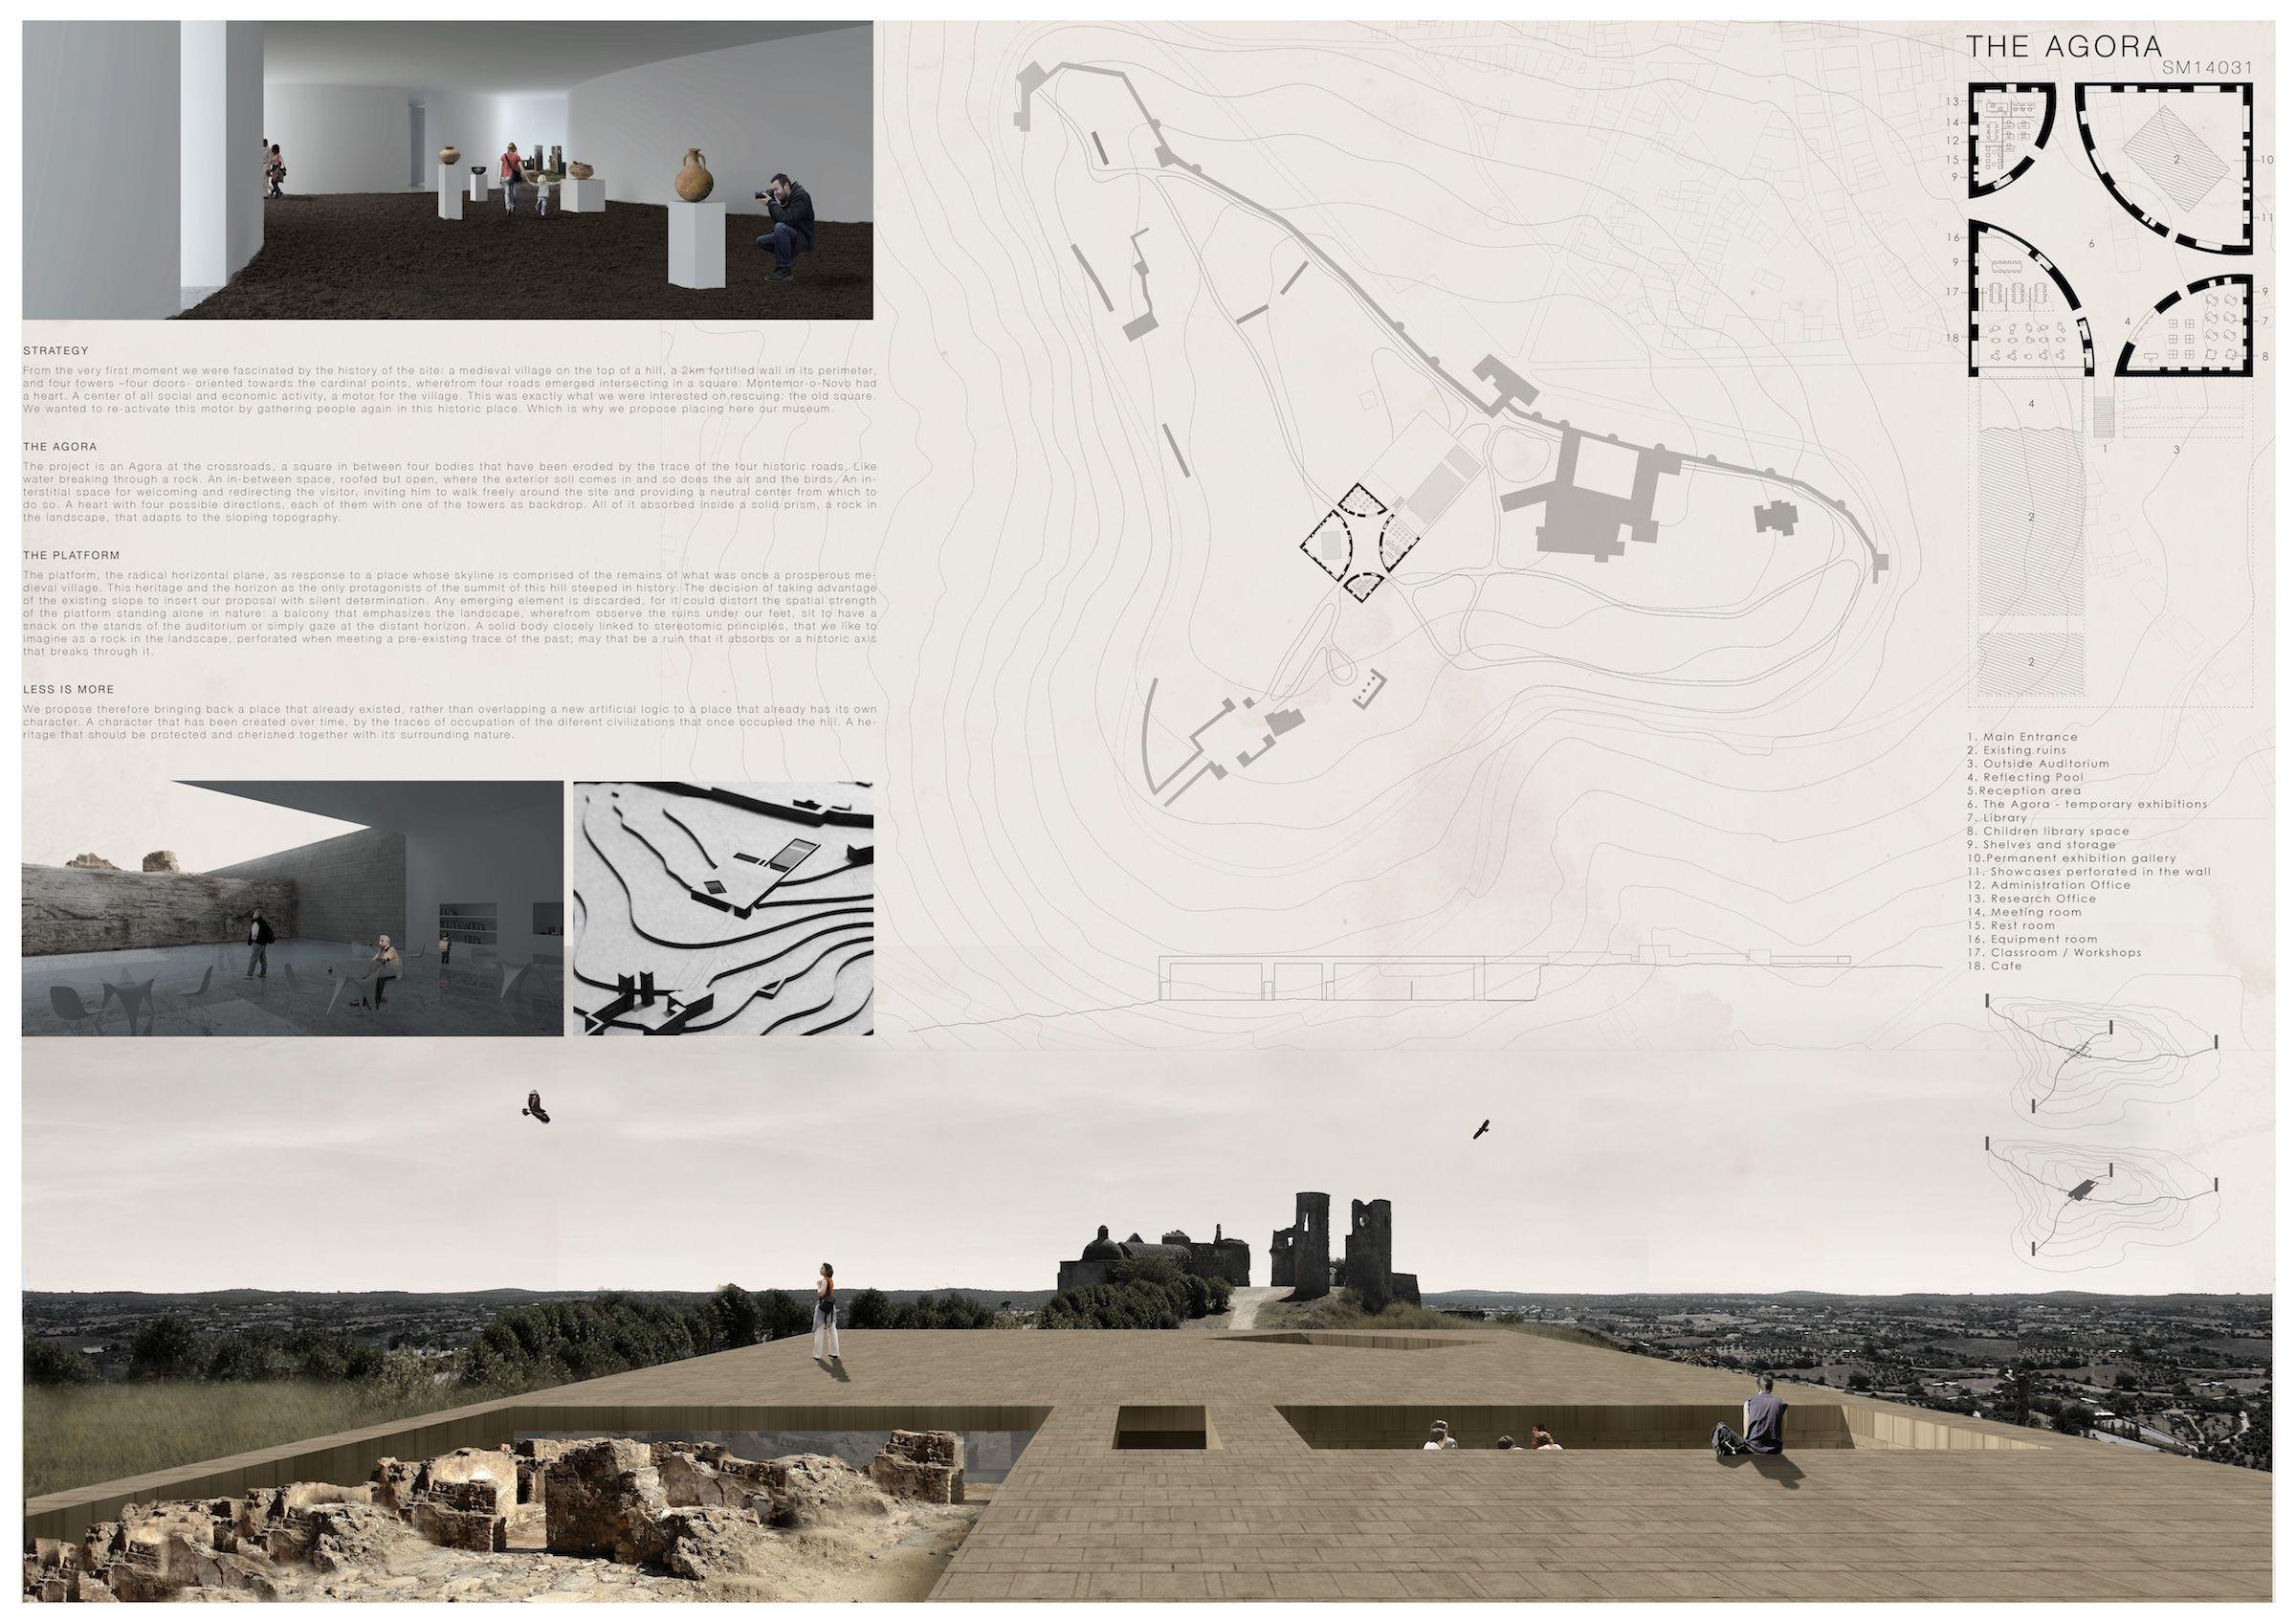 """Panel de """"El Ágora"""", la propuesta de museo arqueológico para Montemor-o-Novo, obra de Francisco Hidalgo, Teresa Sanchis y Álvaro Hidalgo."""